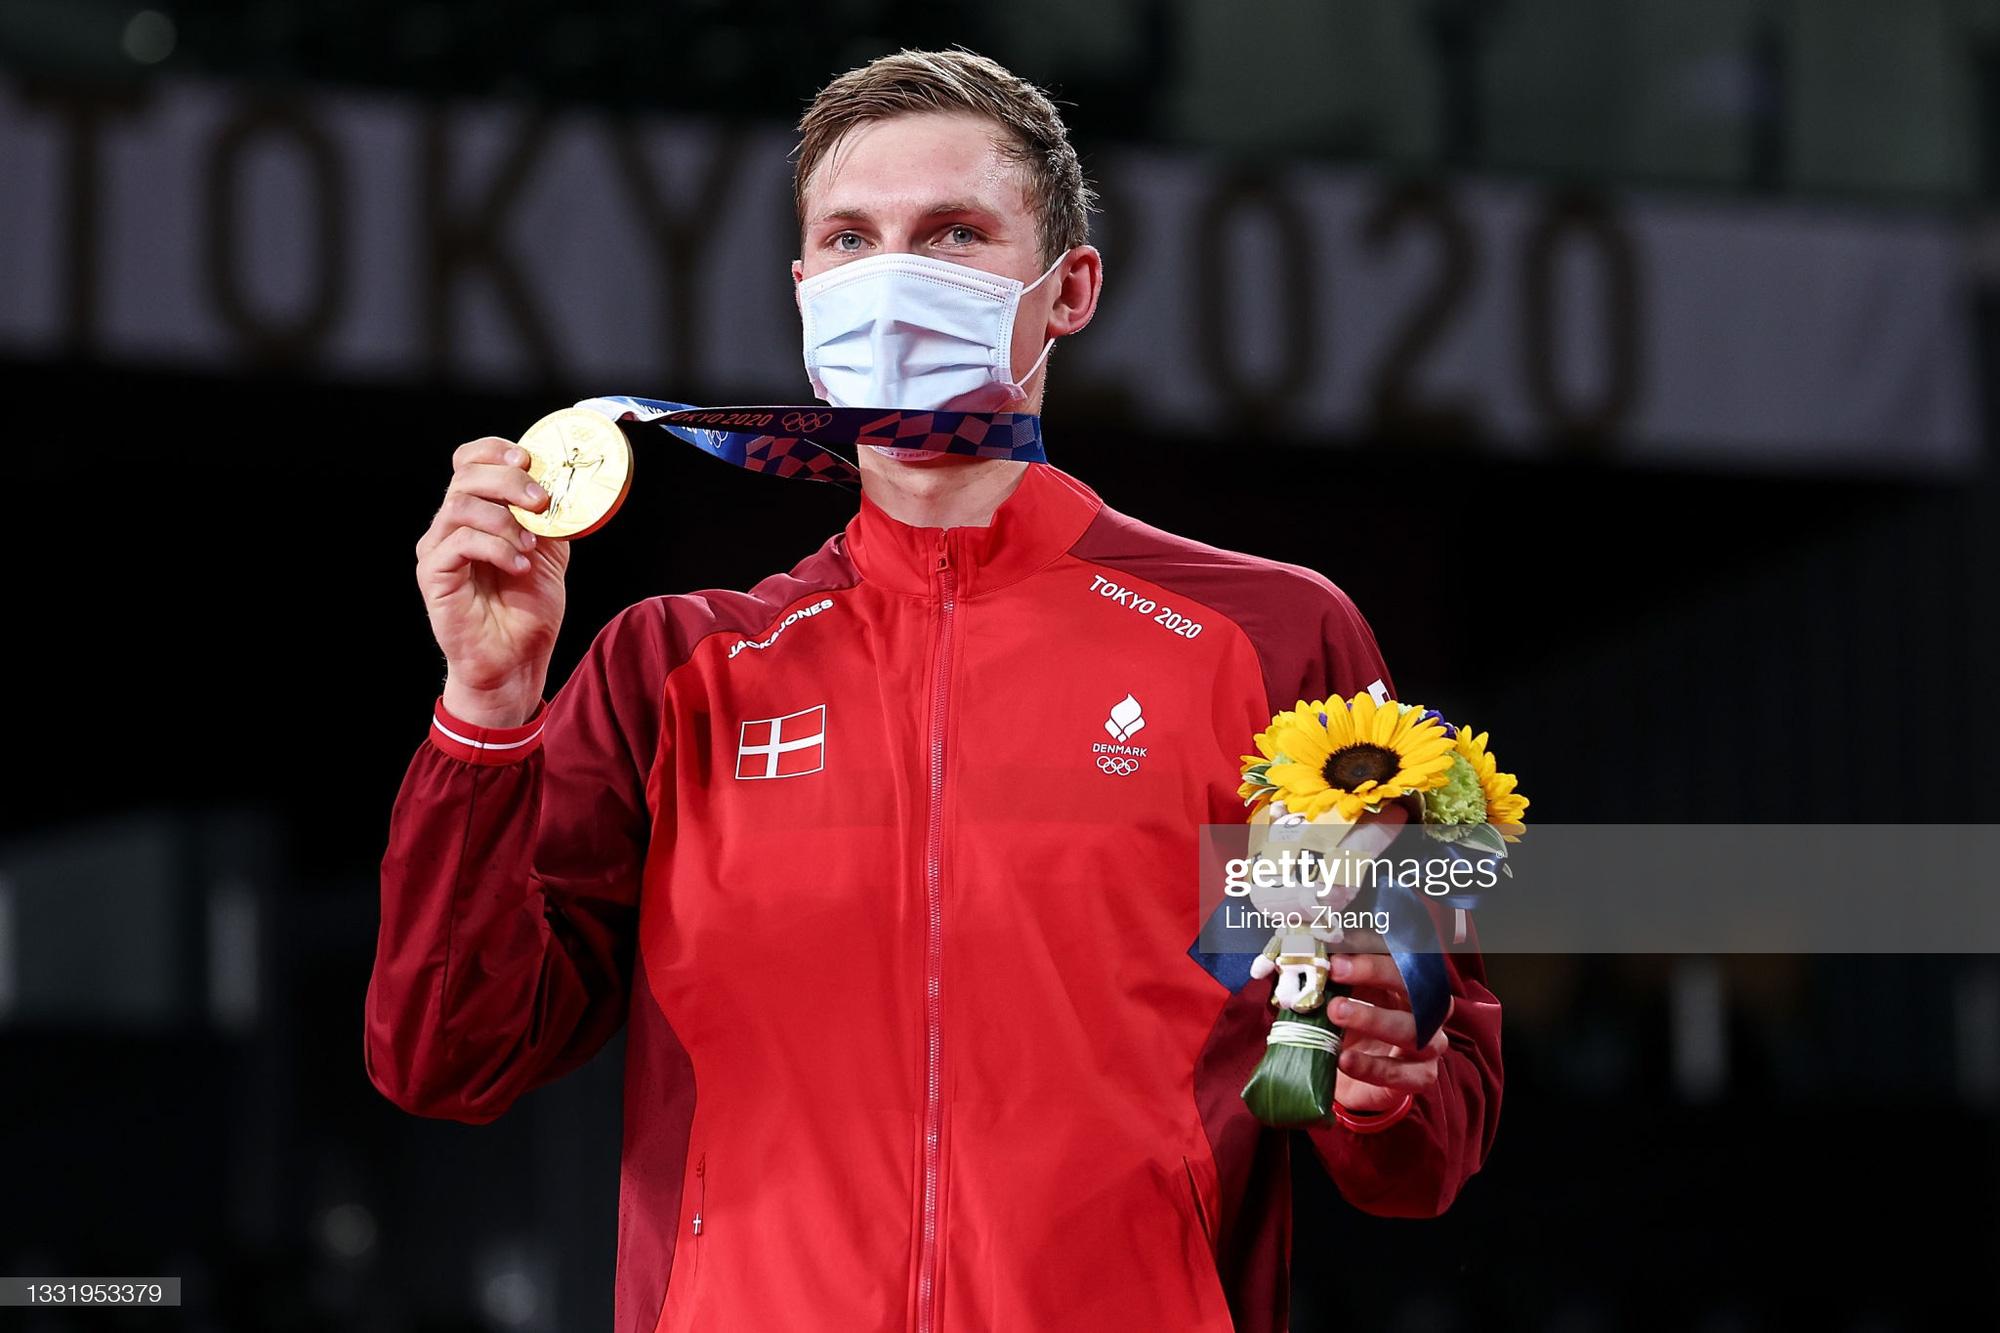 Viktor Axelsen: Chuyện chàng trai vượt nỗi sợ hãi mắc covid 19 để trở thành nhà vô địch Olympic - Ảnh 8.